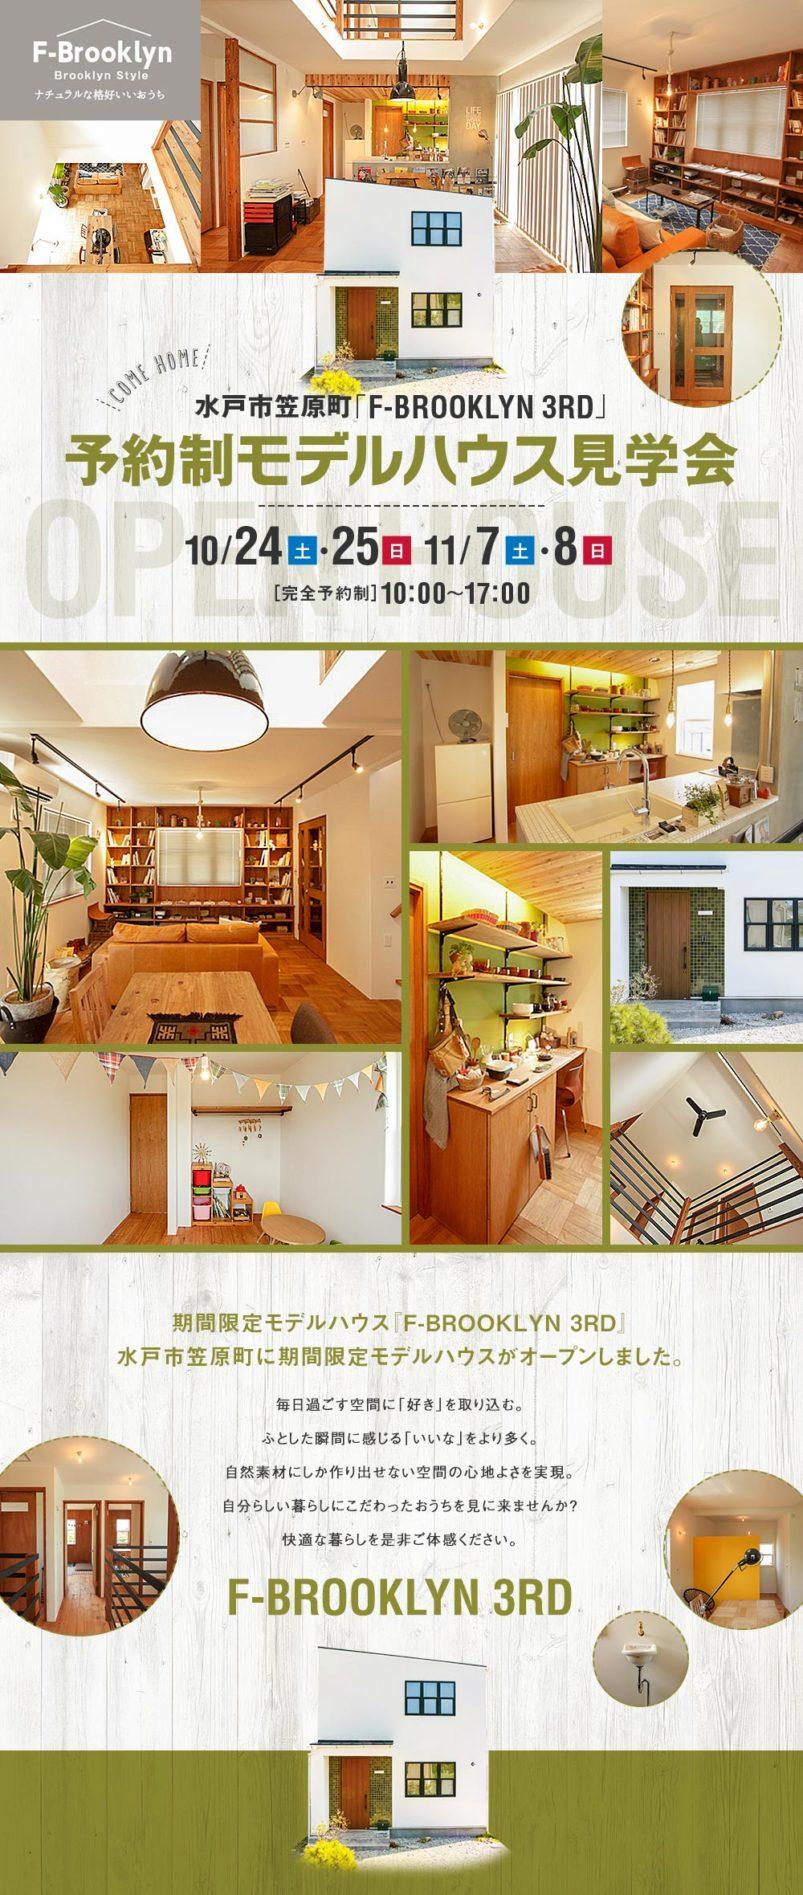 水戸モデルハウス見学会